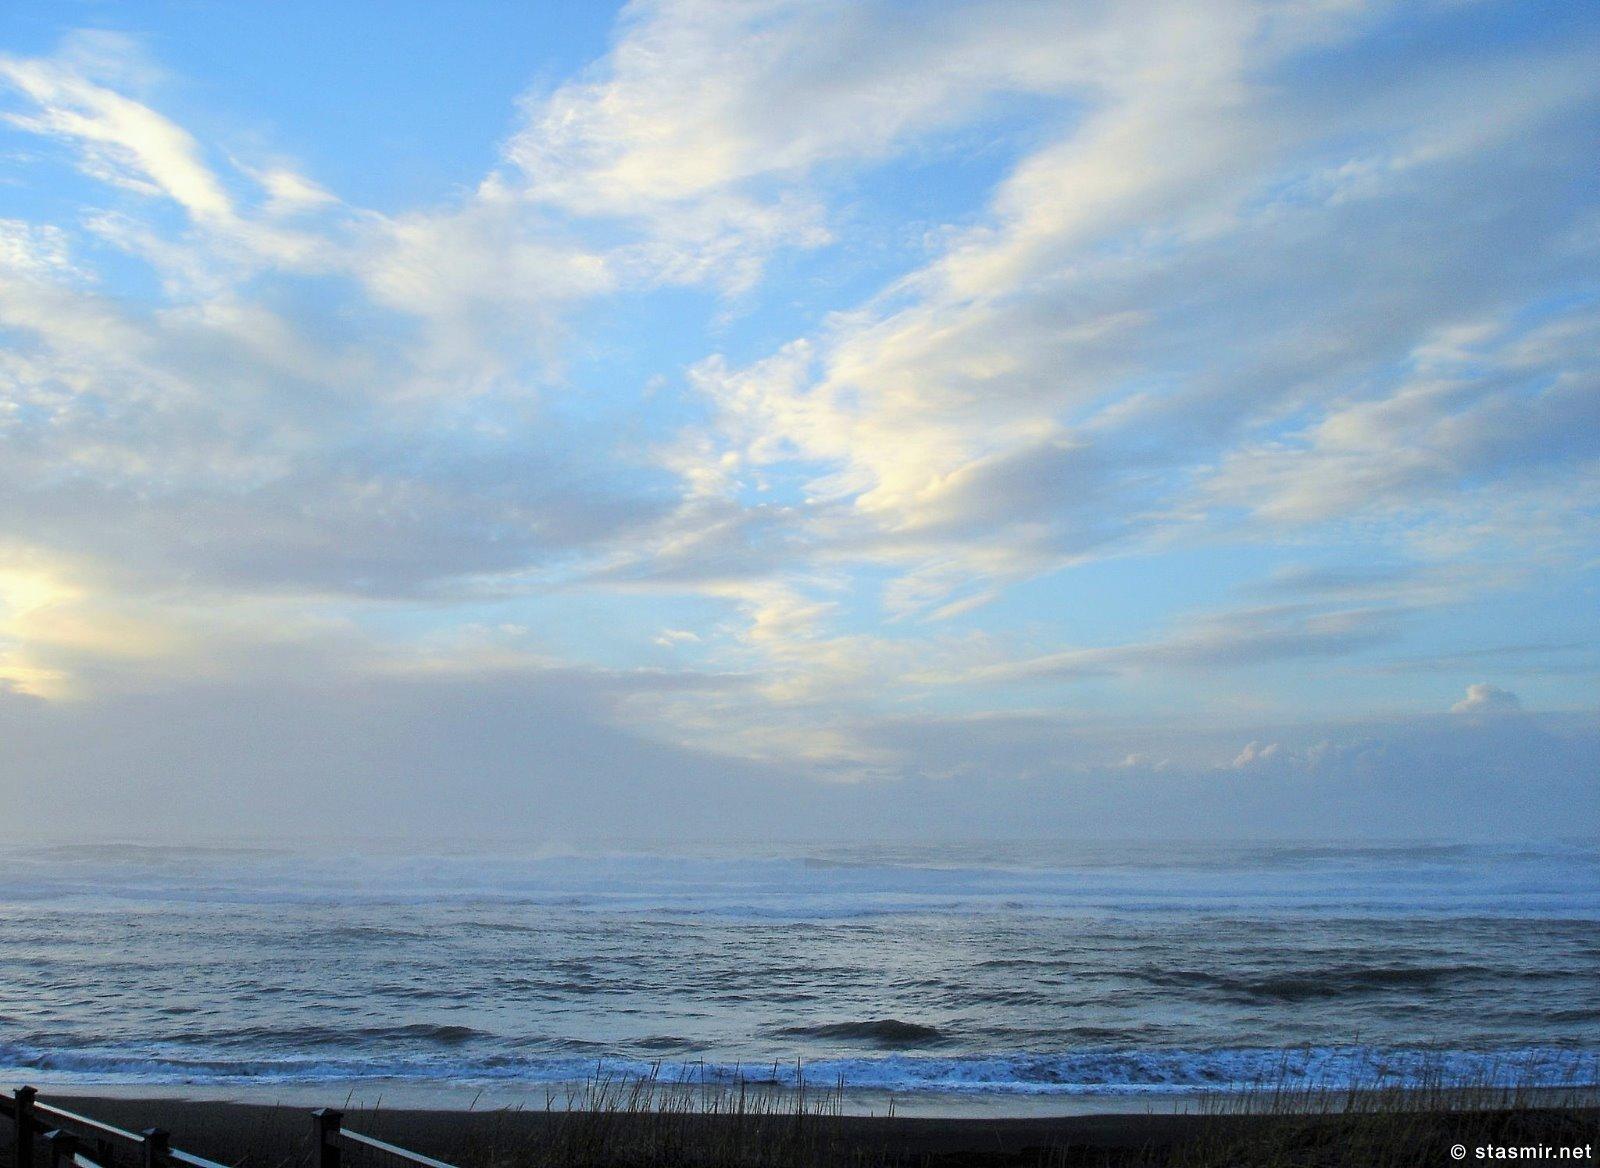 Небо над Атлантическим океаном на Южной Берегу Исландии, вид от ресторана «Hafið Bláa», фото Стасмир, Photo Stasmir